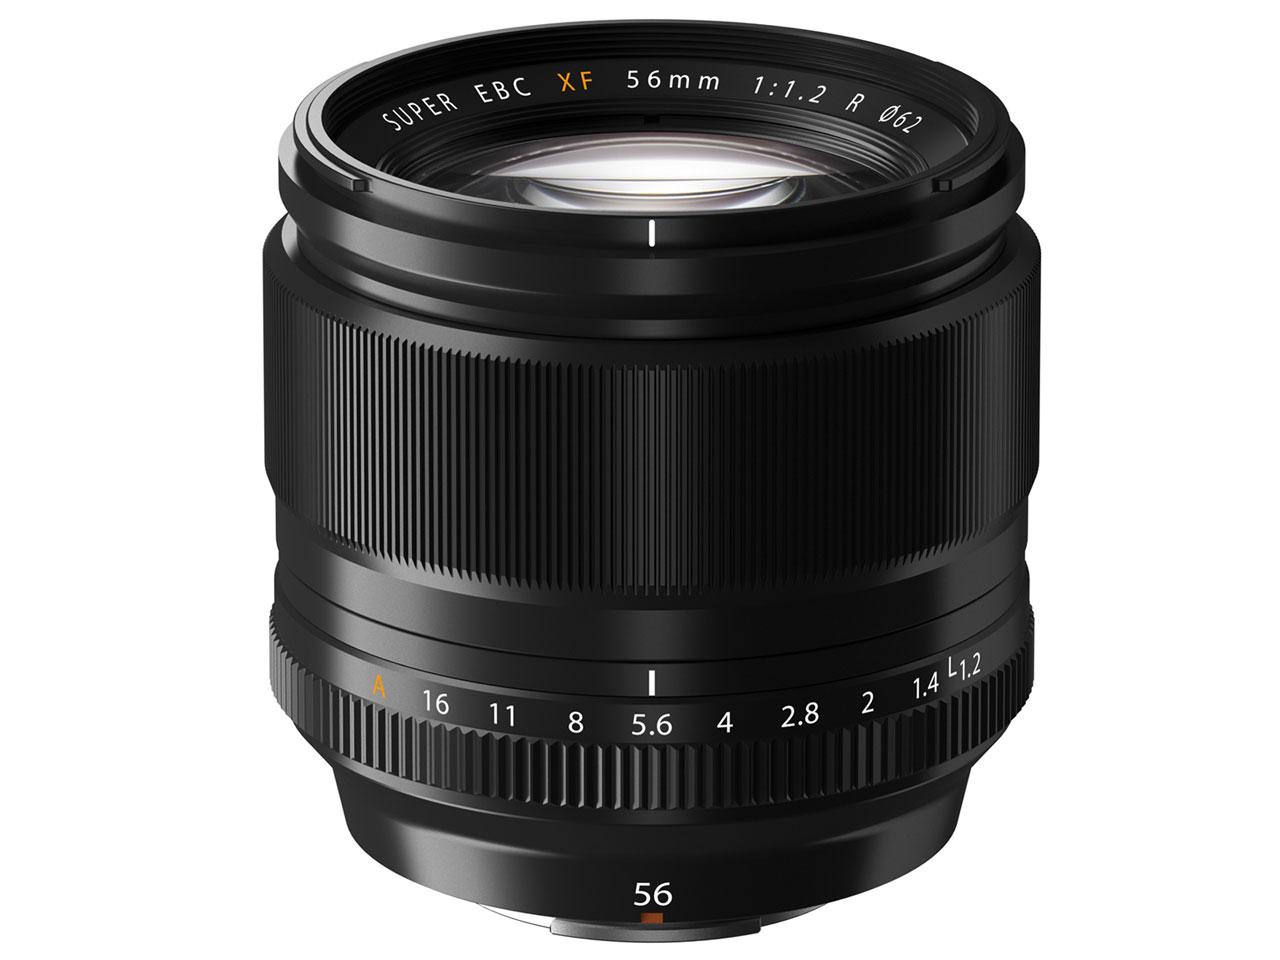 フジノンレンズ XF56mmF1.2 R の製品画像